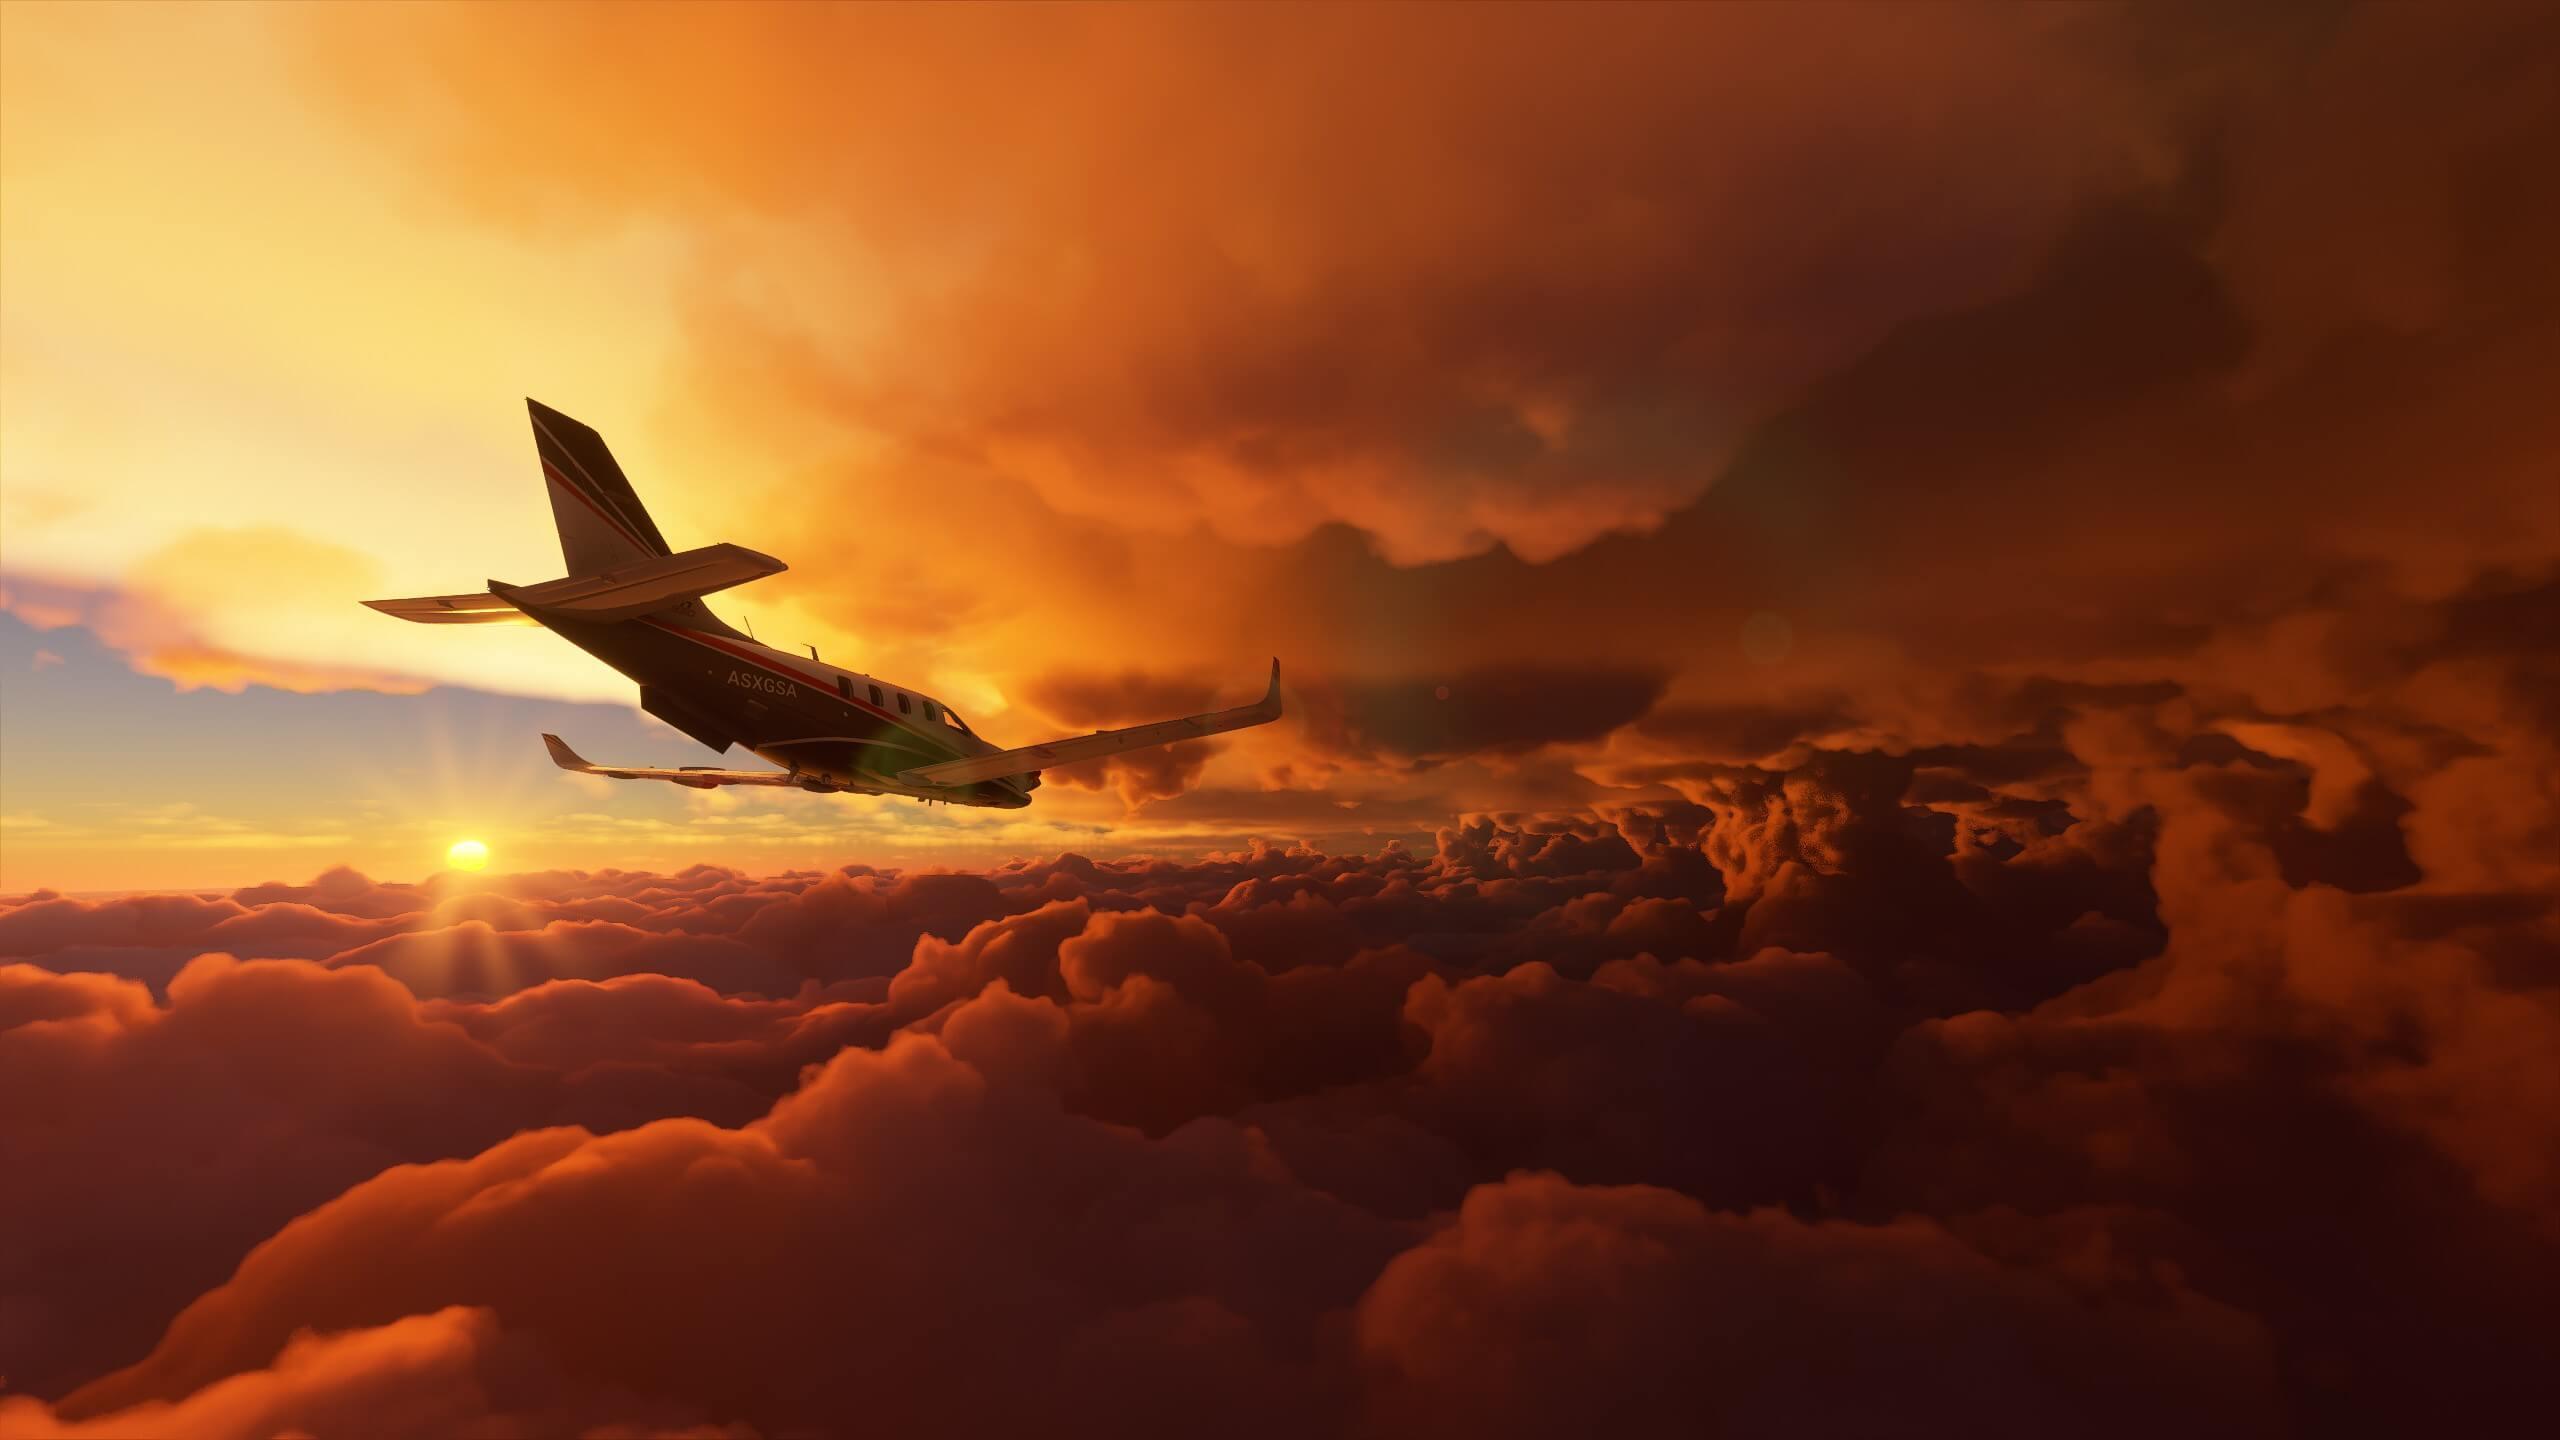 Notas da atualização de 27082020 do Microsoft Flight Simulator